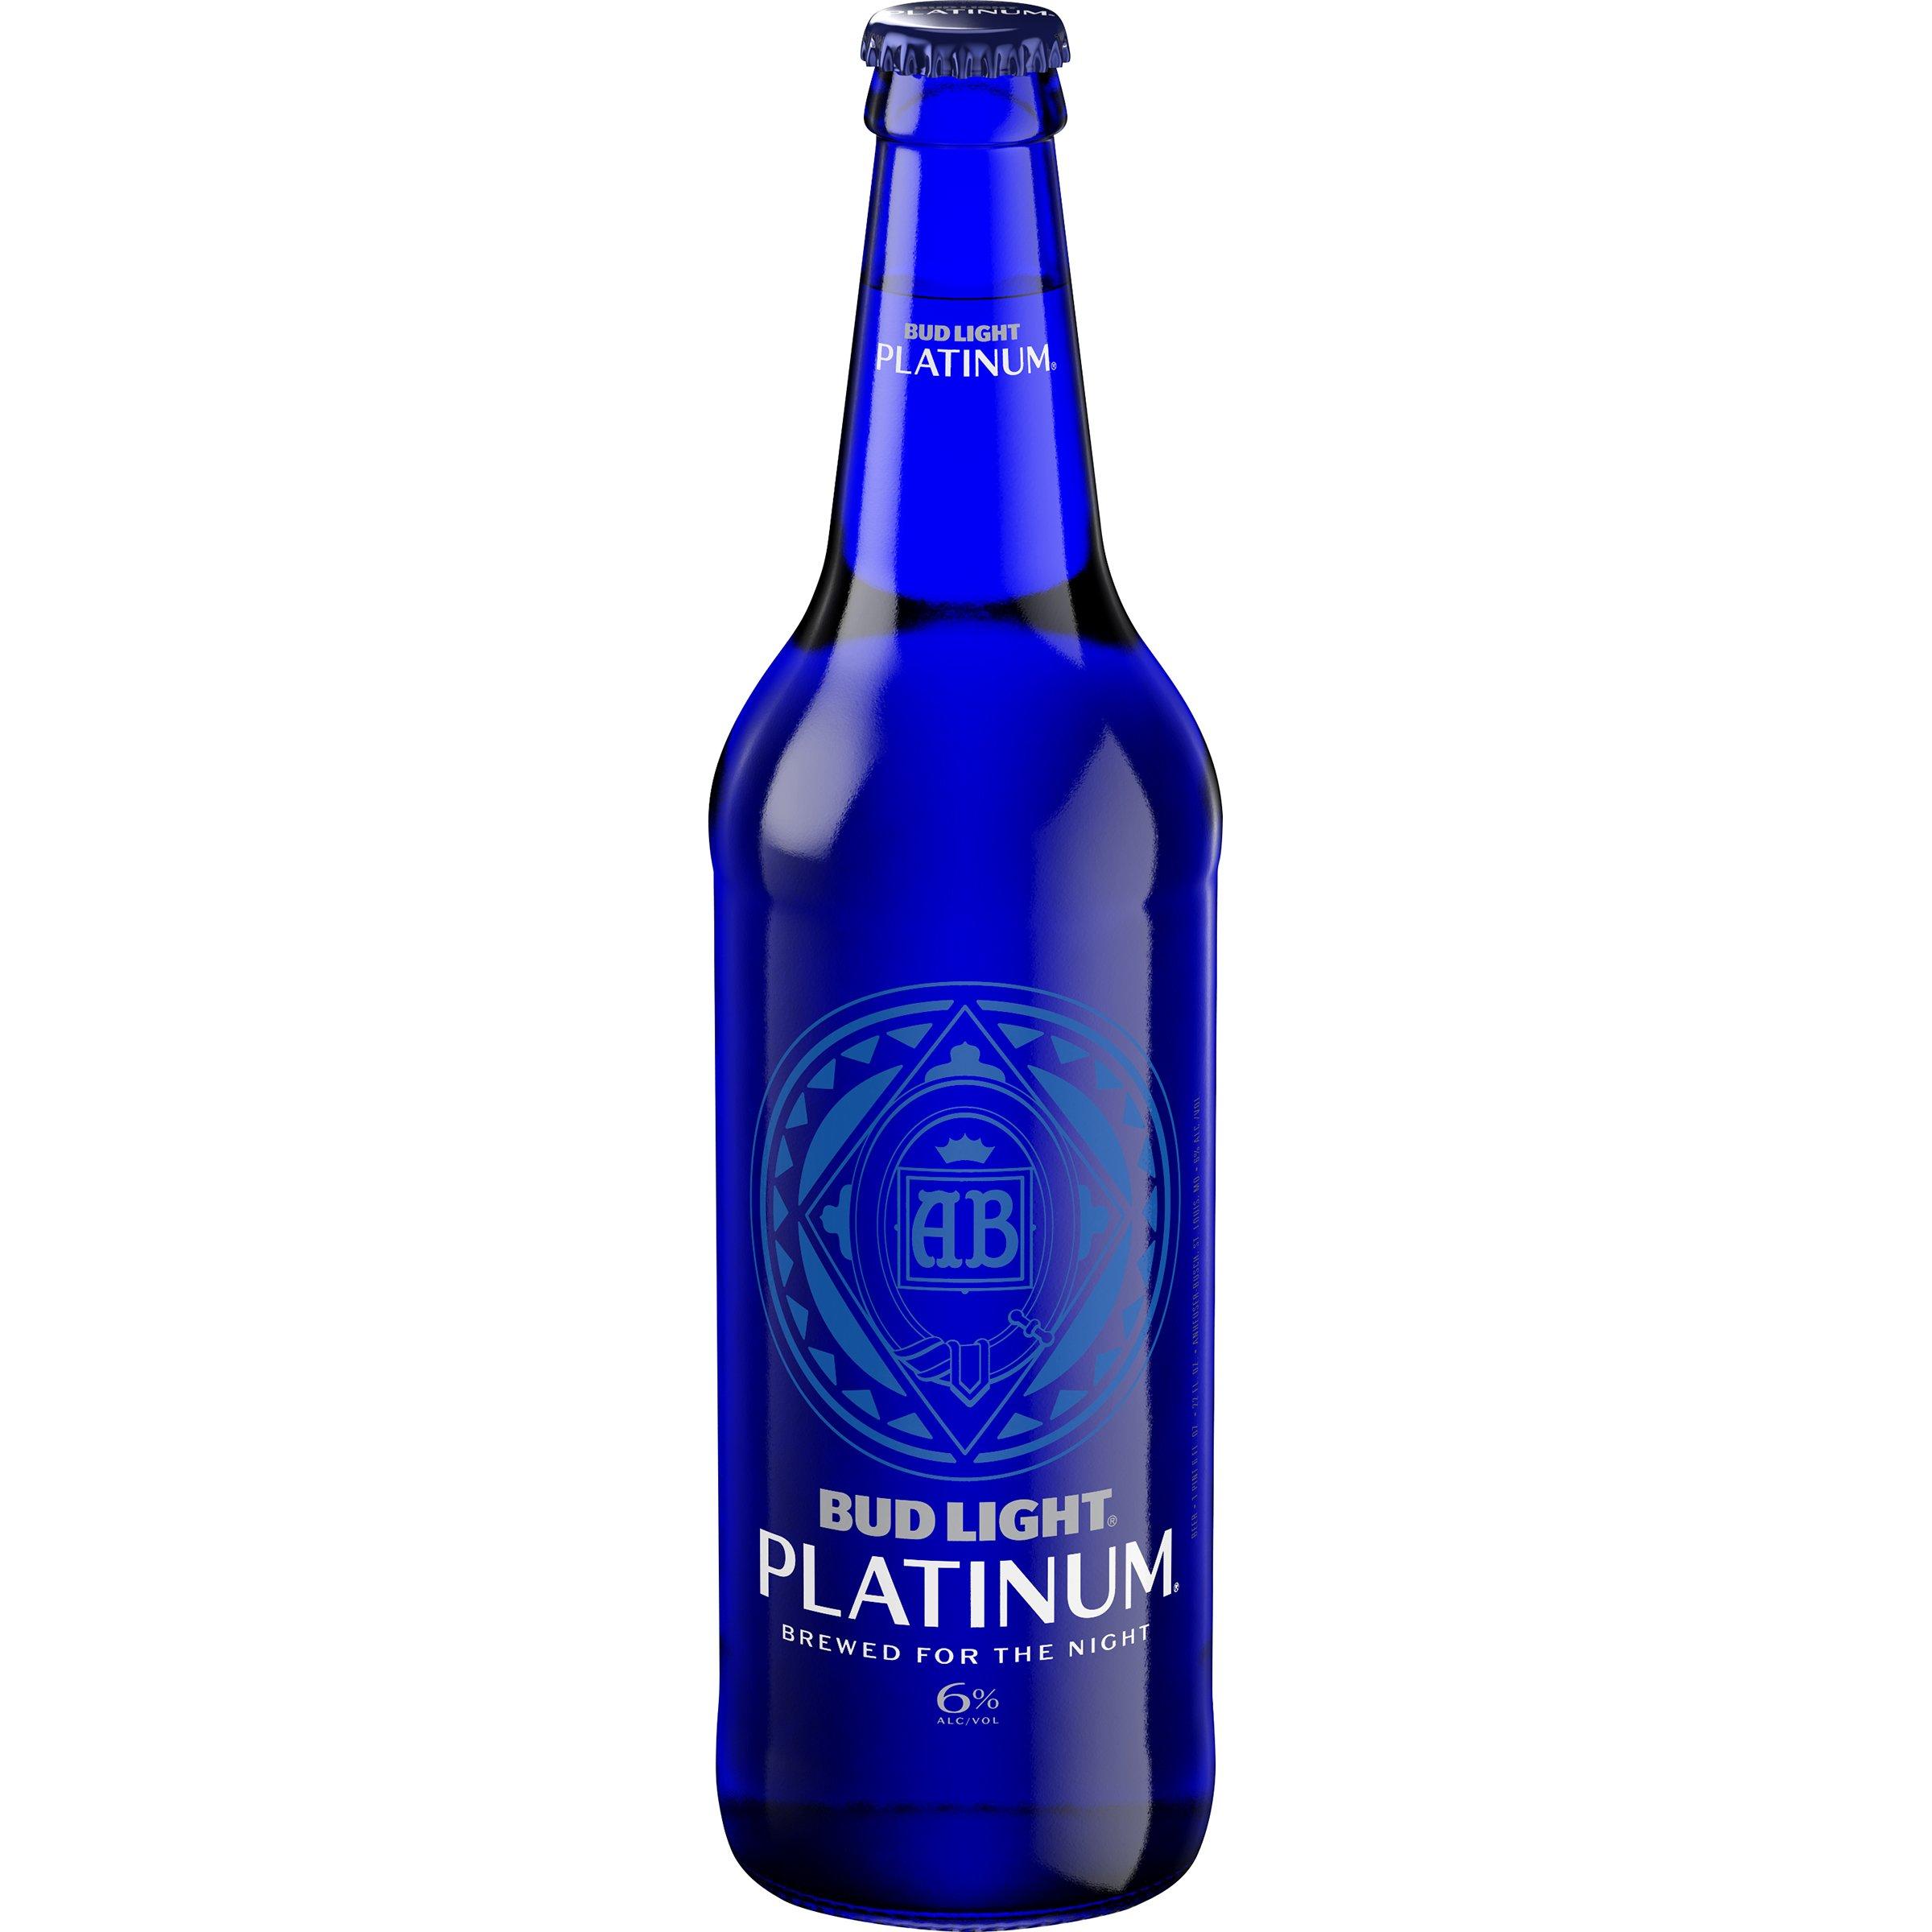 Bud Light Platinum Beer Bottle U2011 Shop Beer At Hu2011Eu2011B